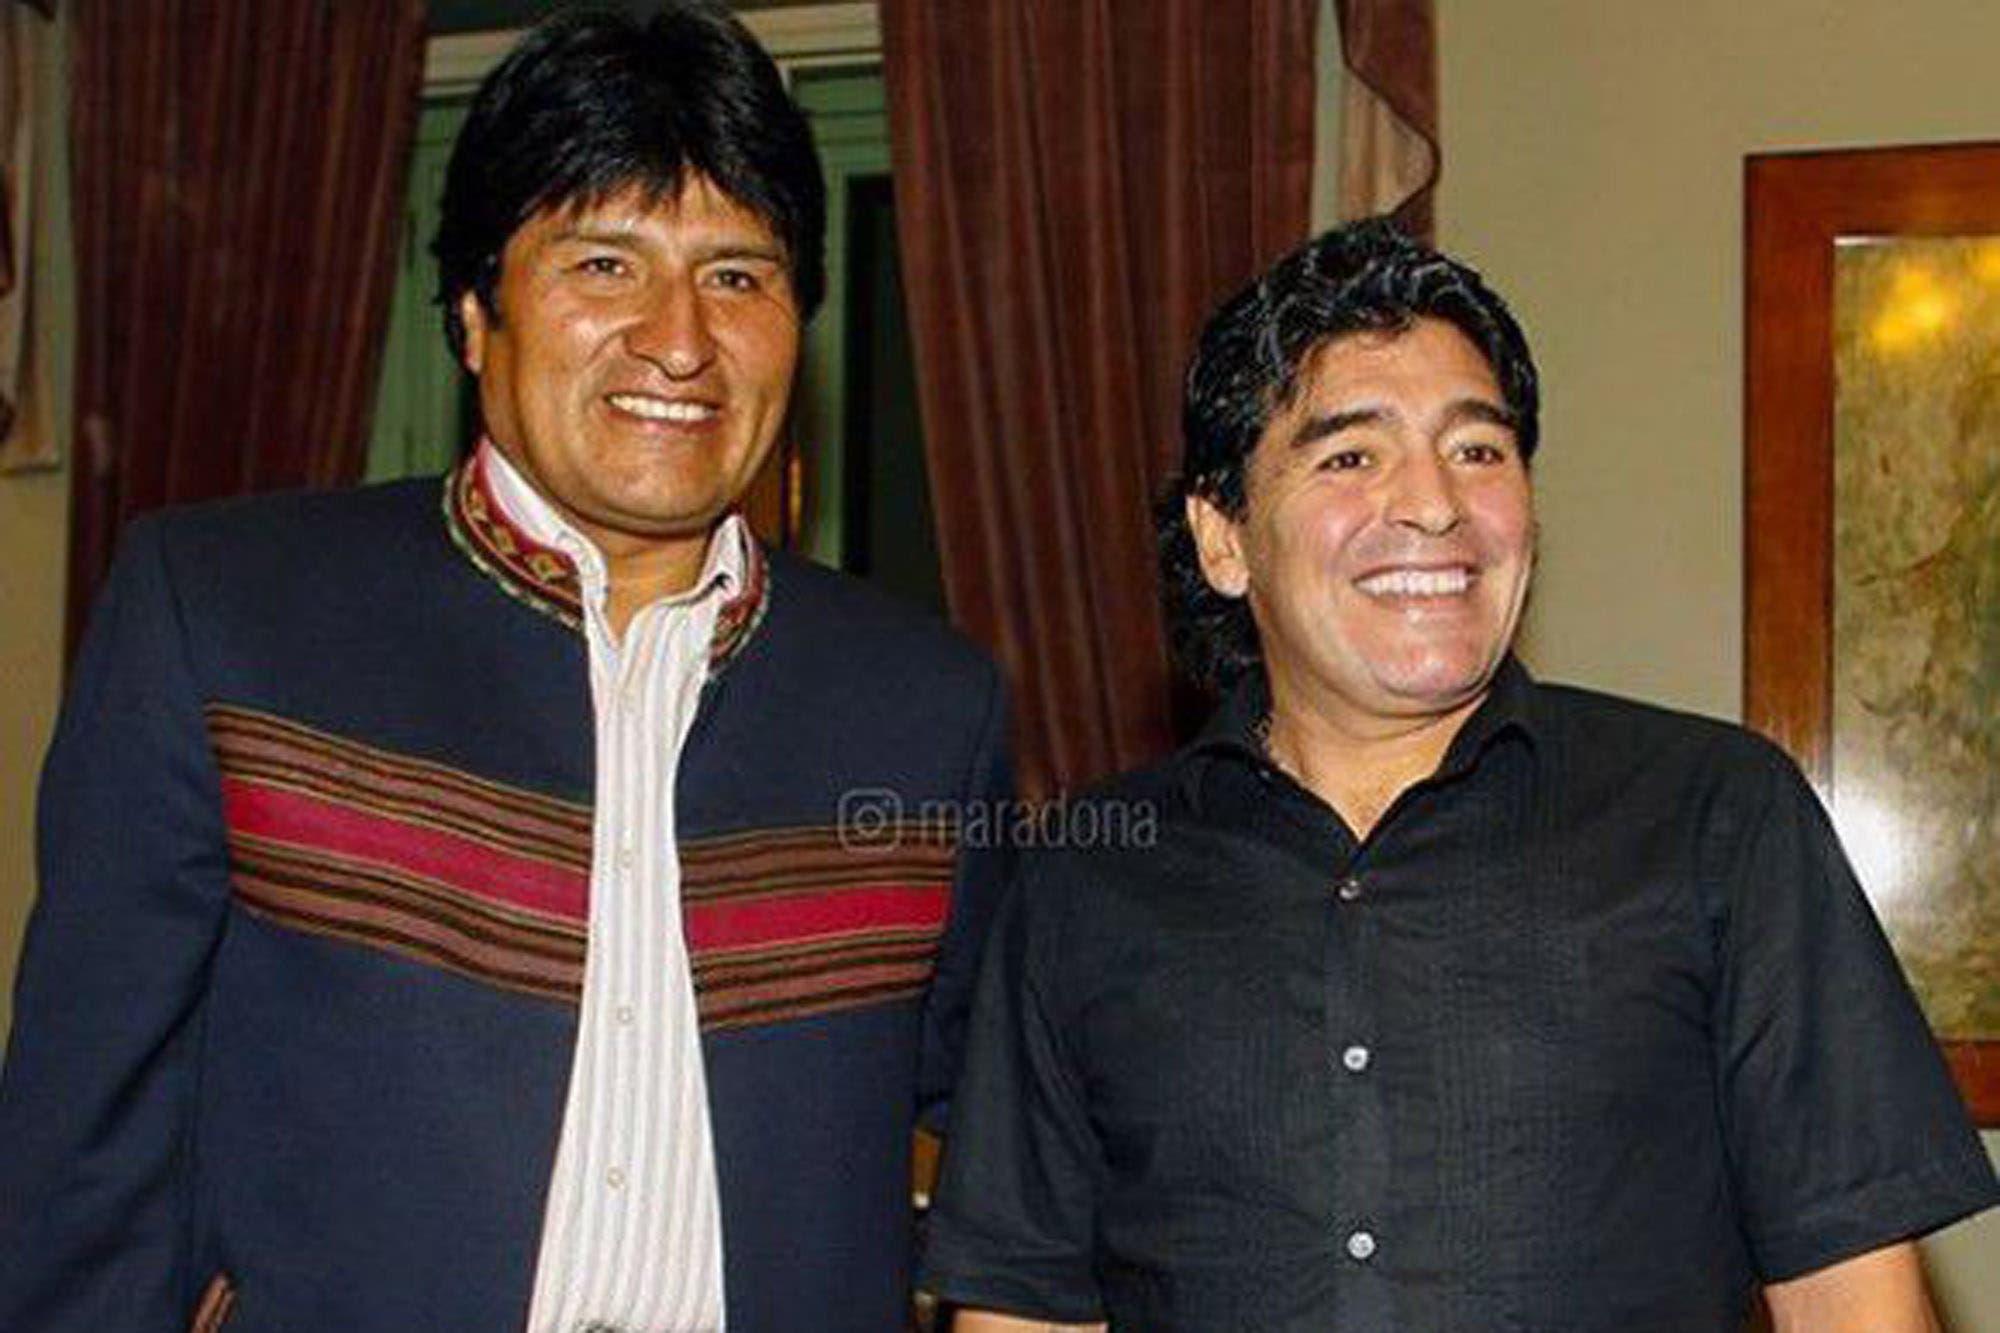 """Maradona apoyó a Evo Morales y lamentó """"el golpe de estado orquestado"""" en Bolivia"""